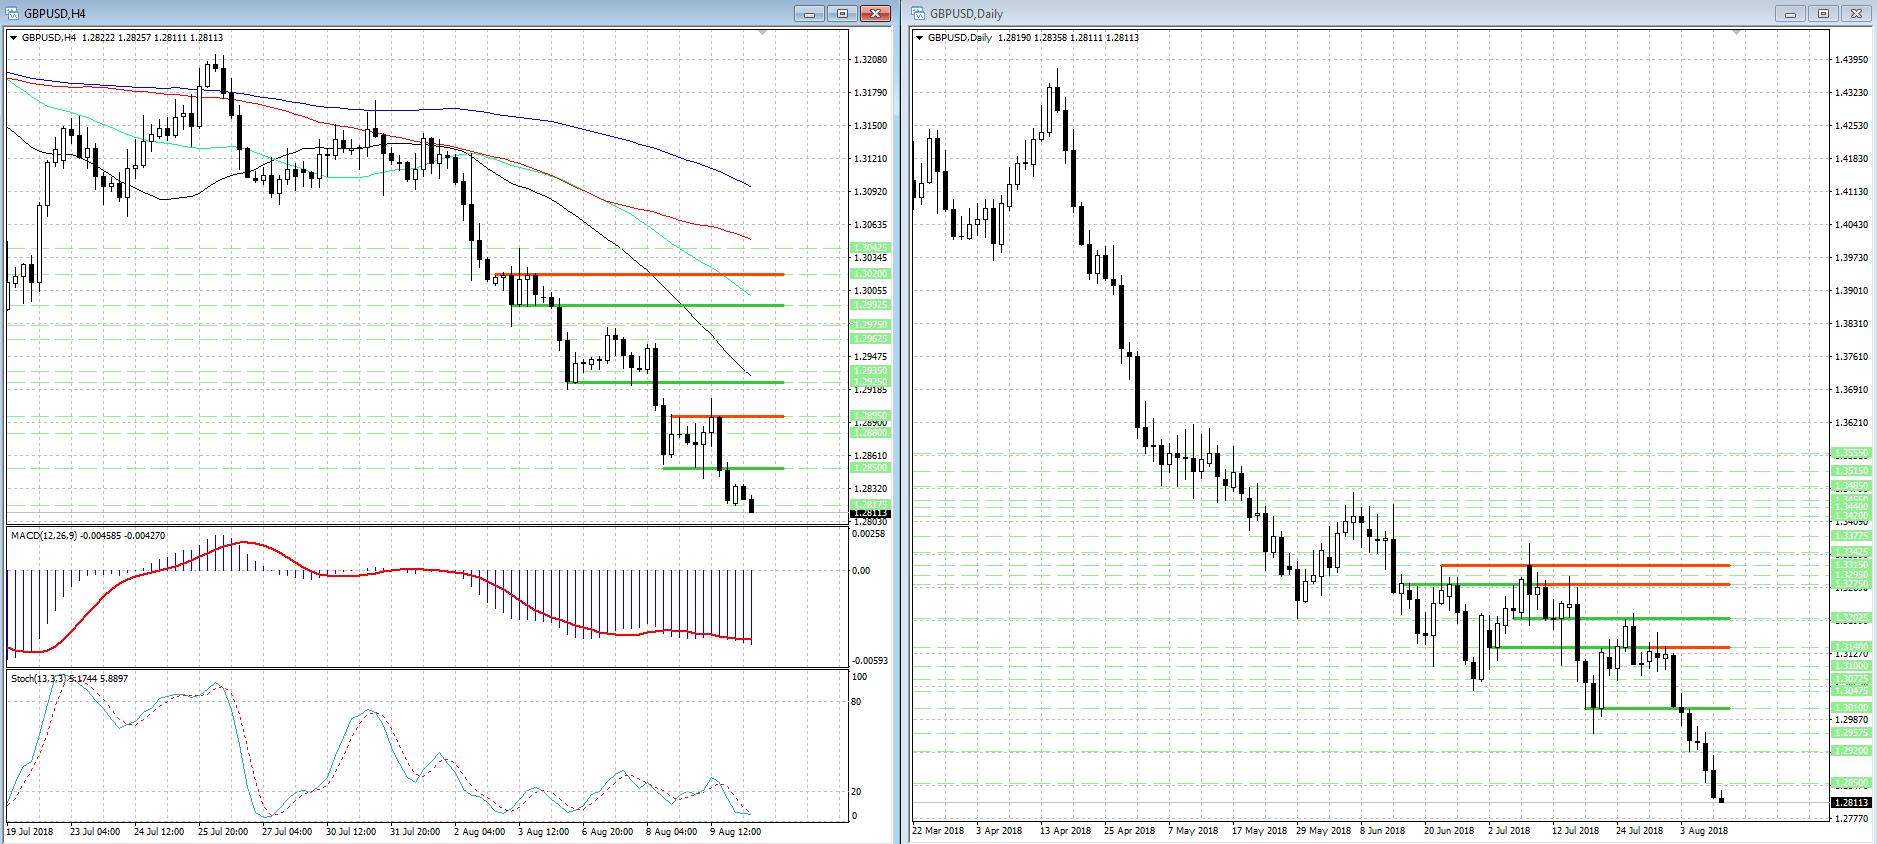 Британский фунт (GBP) заметно перепродан, но потенциал снижения еще не исчерпан...